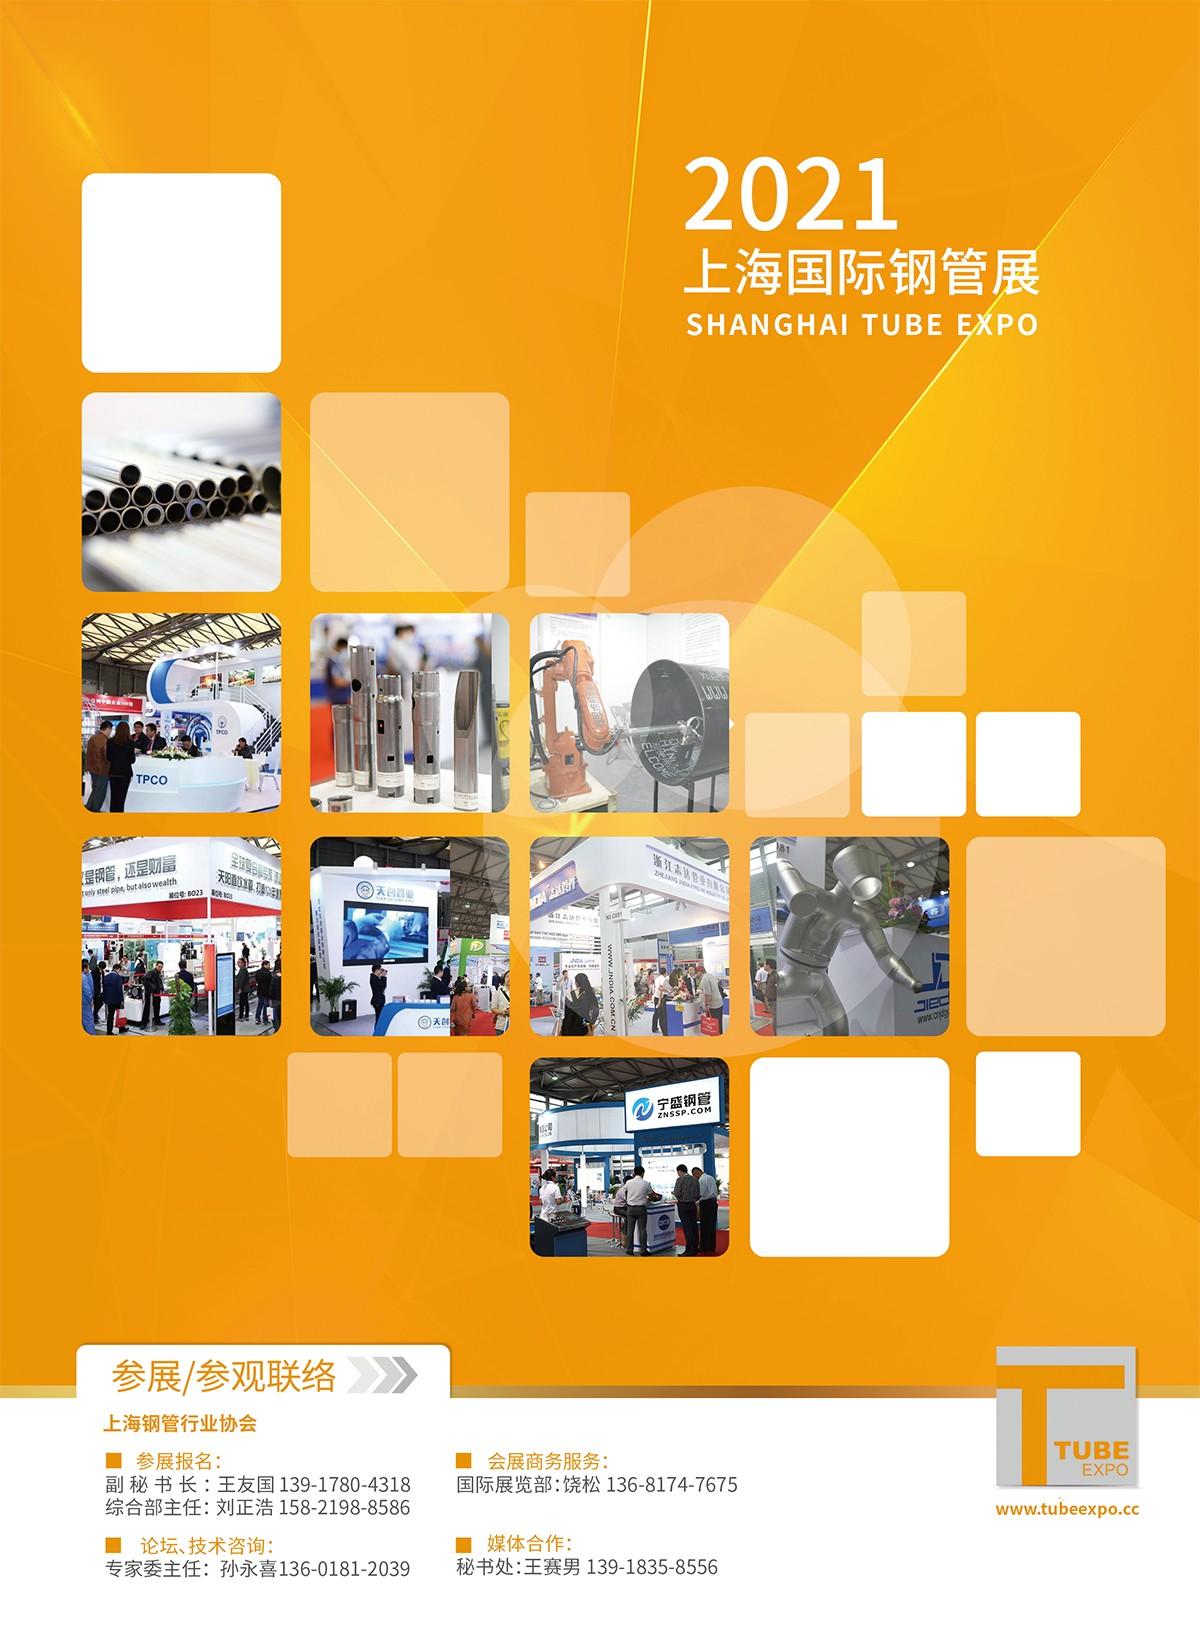 1_2021上海国际钢管工业展览会-8.jpg